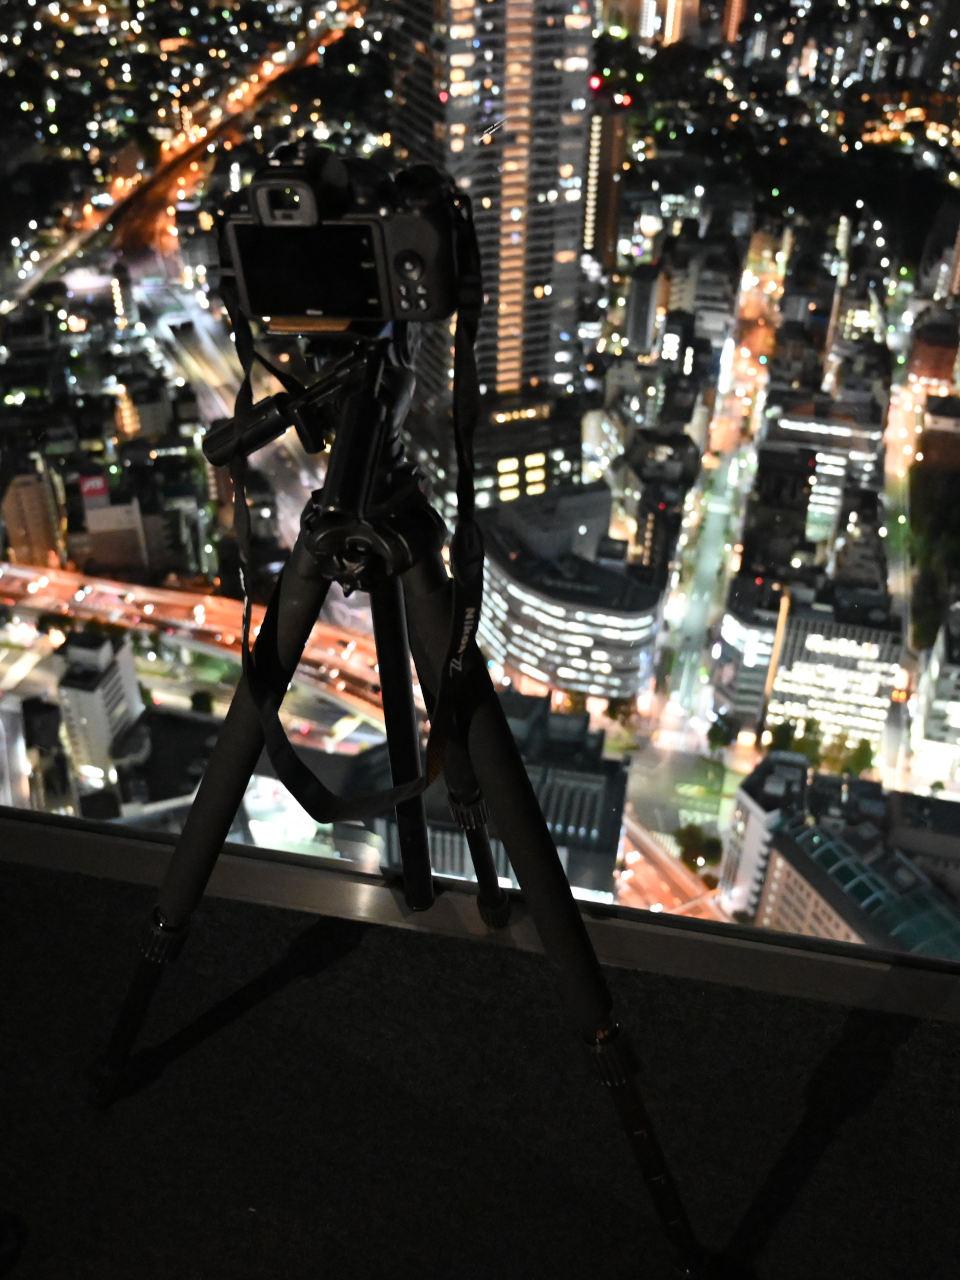 夜にしか撮れない写真がある!街・光跡・自然・室内・人・工場を魅力的に写す秘訣